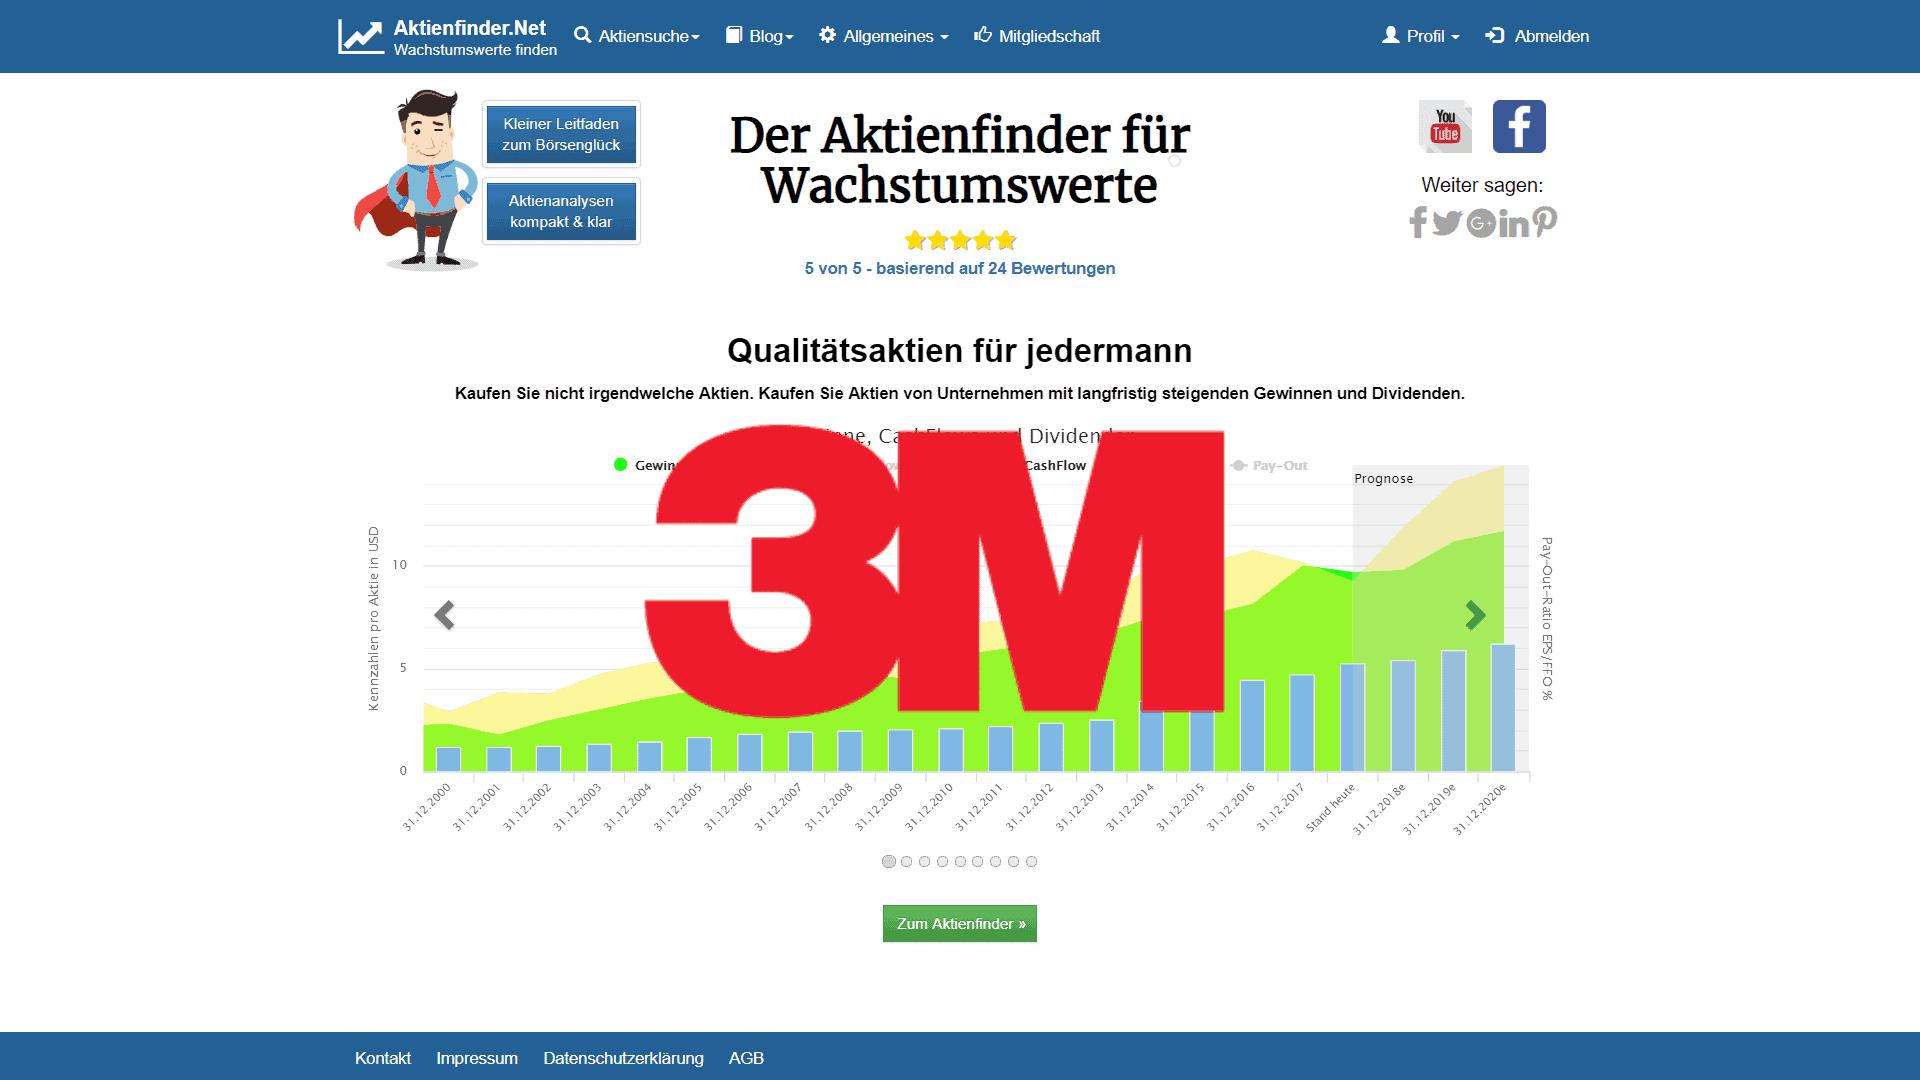 3M Aktie - Schnäppchen nach dem Kursrückgang?